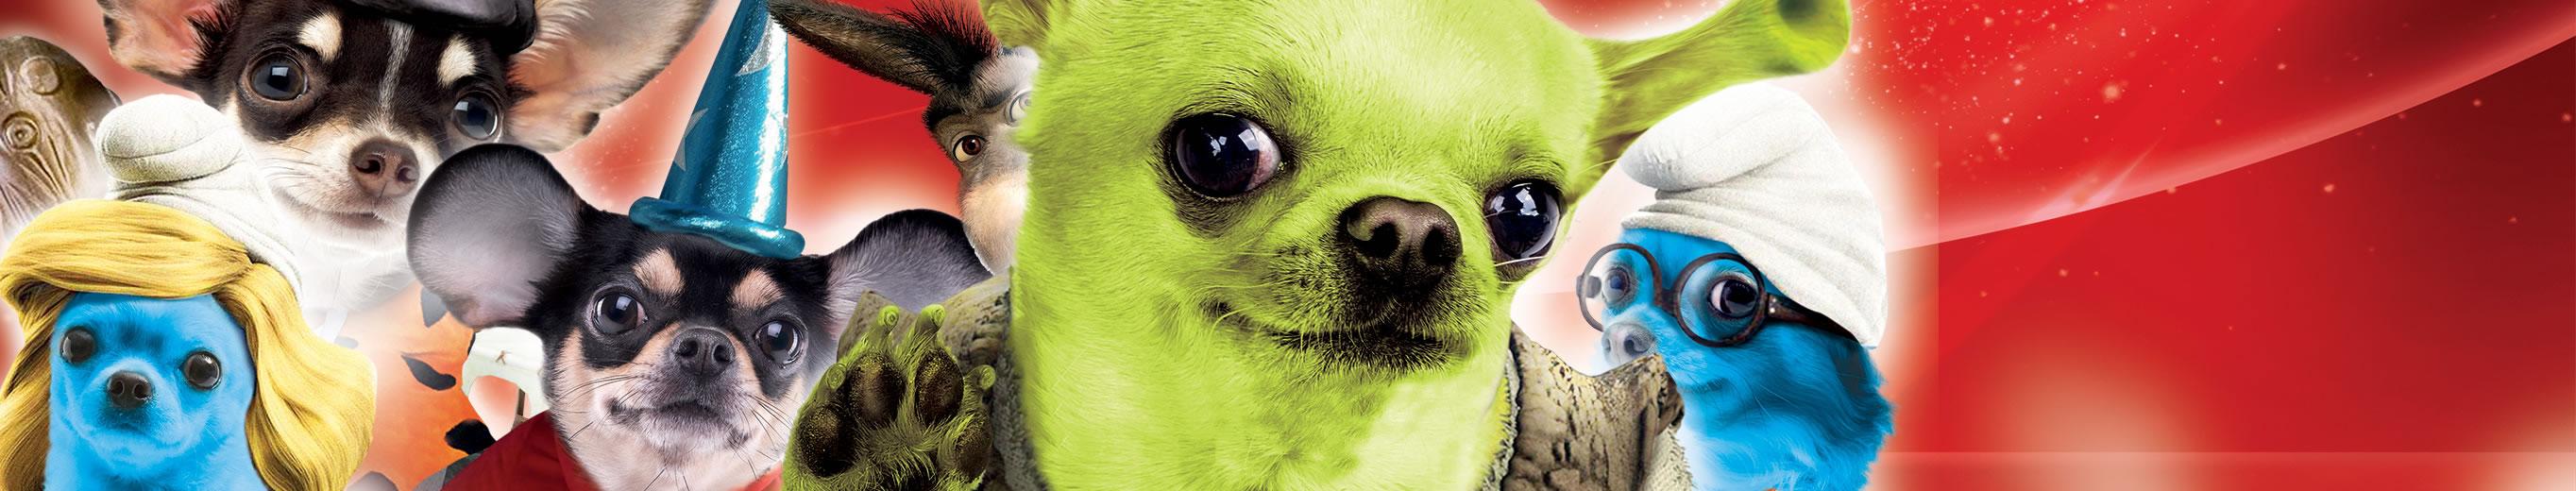 Ugopiadi Chihuahua - Le Olimpiadi del cane Chihuahua 2017 - Tema Cartoon